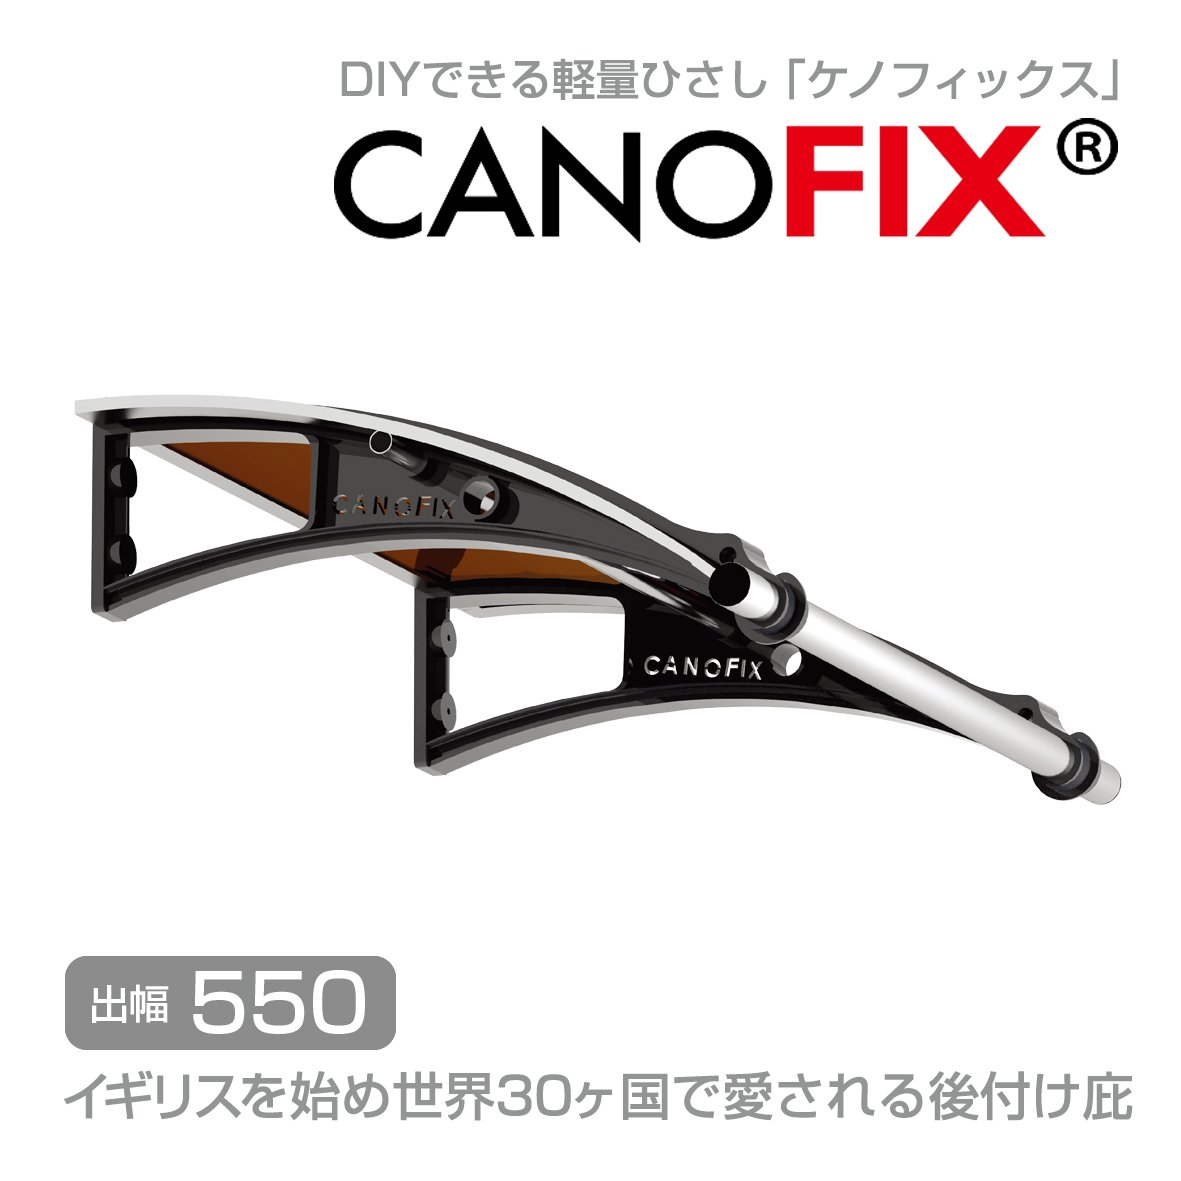 【日本総輸入元】DIY可能な後付けひさし ケノフィックス(CANOFIX) D550 W3000/シート:グリン/ブラケット:グレー B079HGJHFG 3000mm|ブラケット:グレー シート:グリン ブラケット:グレー シート:グリン 3000mm